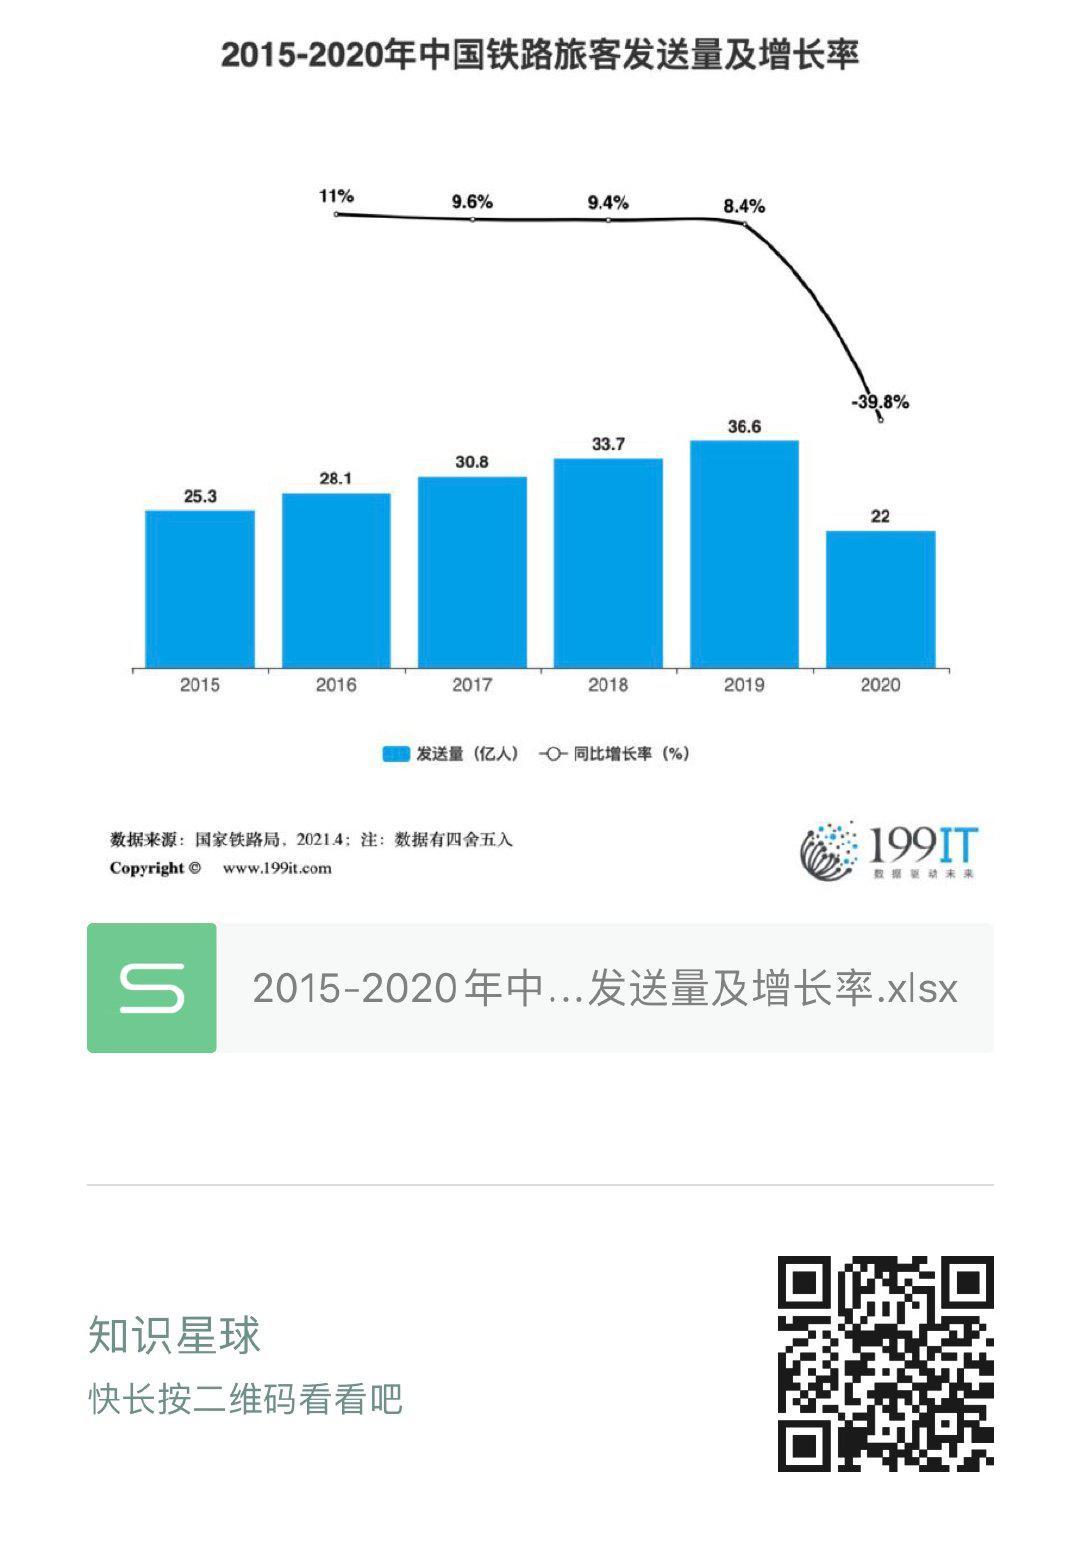 2015-2020年中國鐵路旅客傳送量及增長率(附原資料表) 